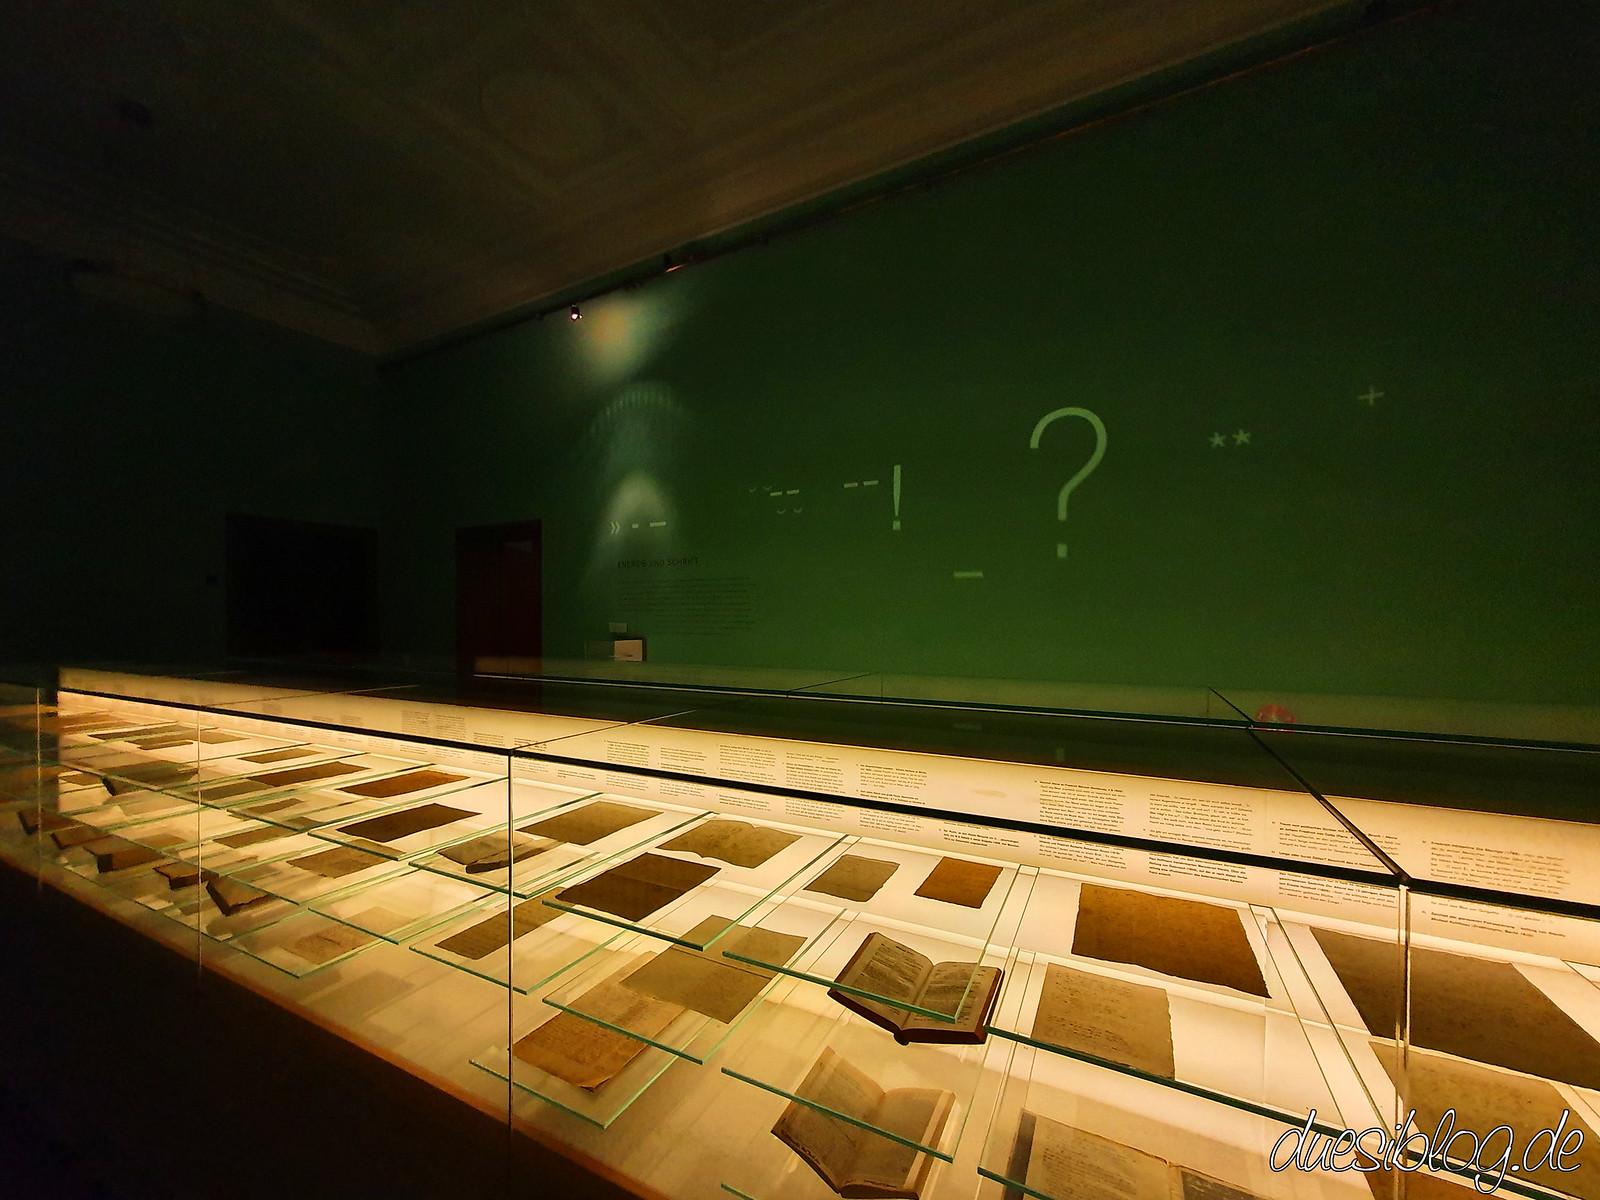 Schiller-Nationalmuseum Literaturmuseum der Moderne Marbach duesiblog 06